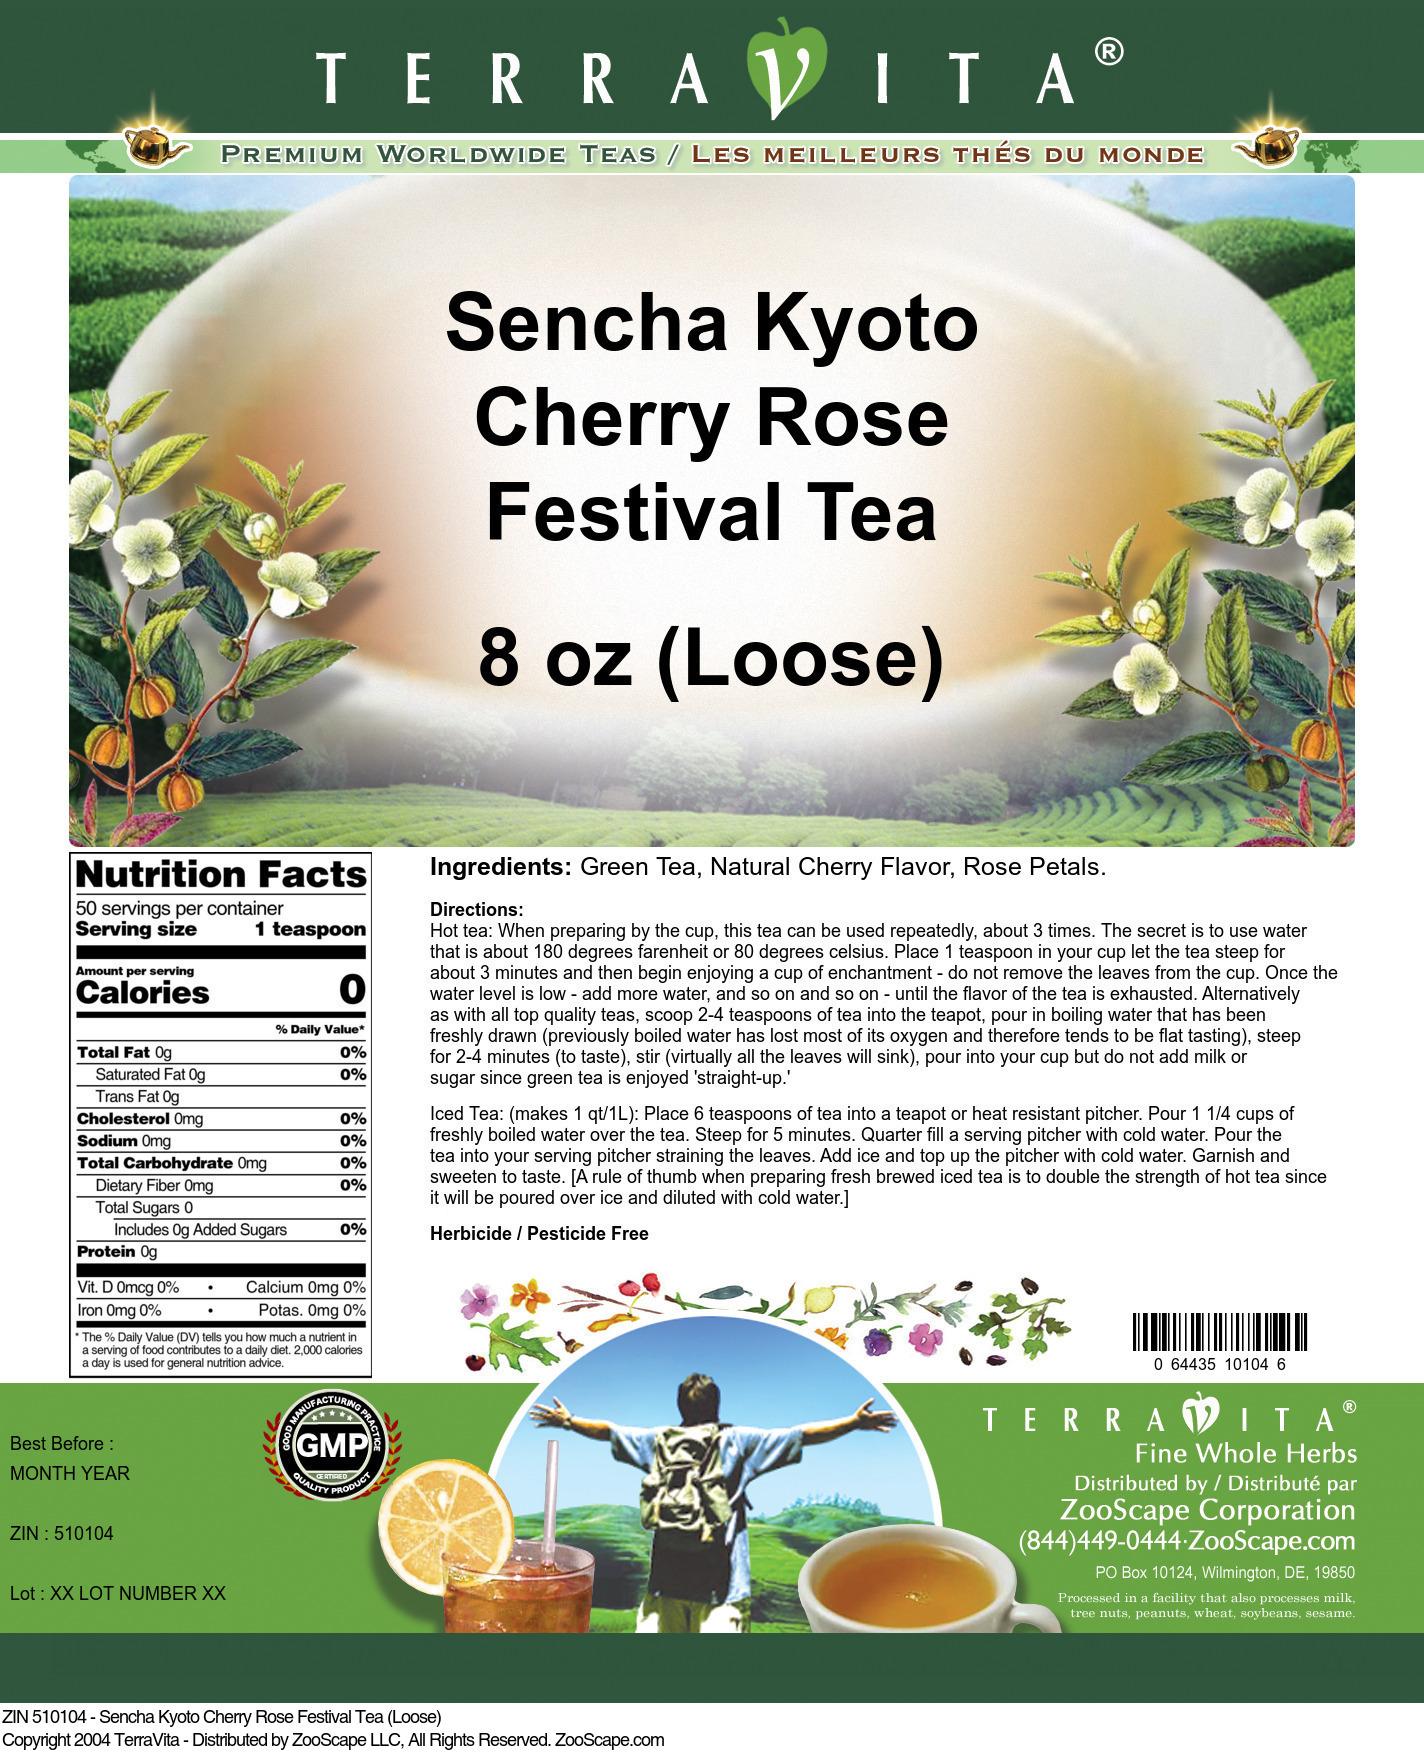 Sencha Kyoto Cherry Rose Festival Tea (Loose)